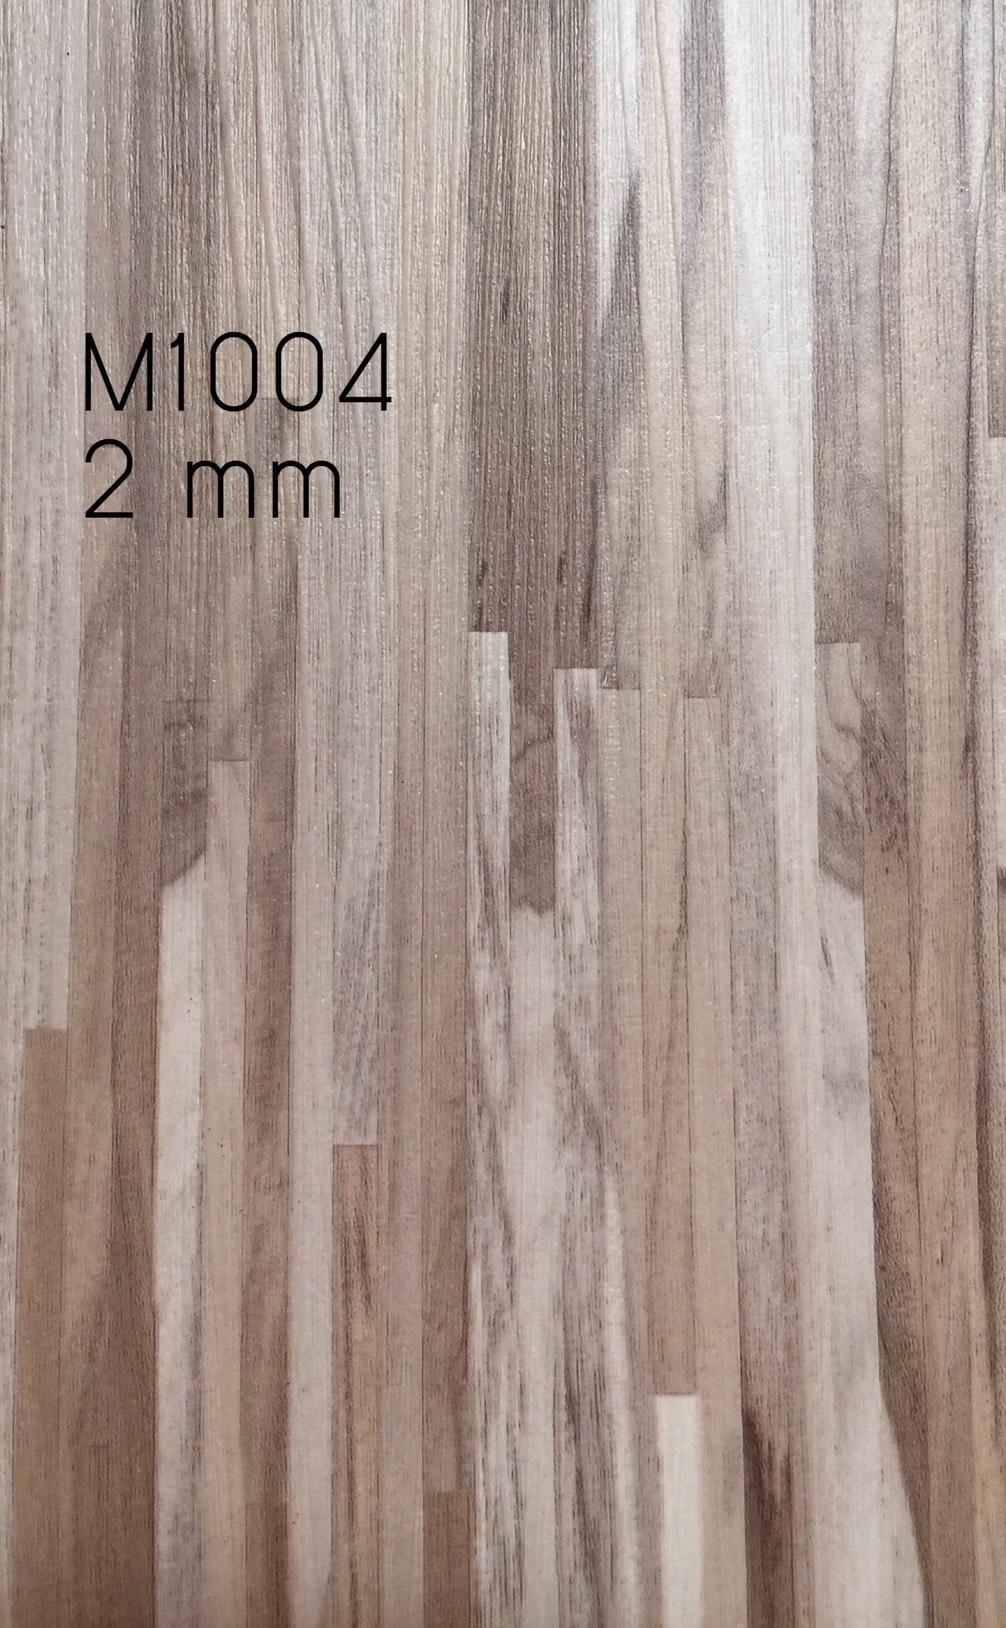 กระเบื้องยางลายไม้ ราคาถูก M1004